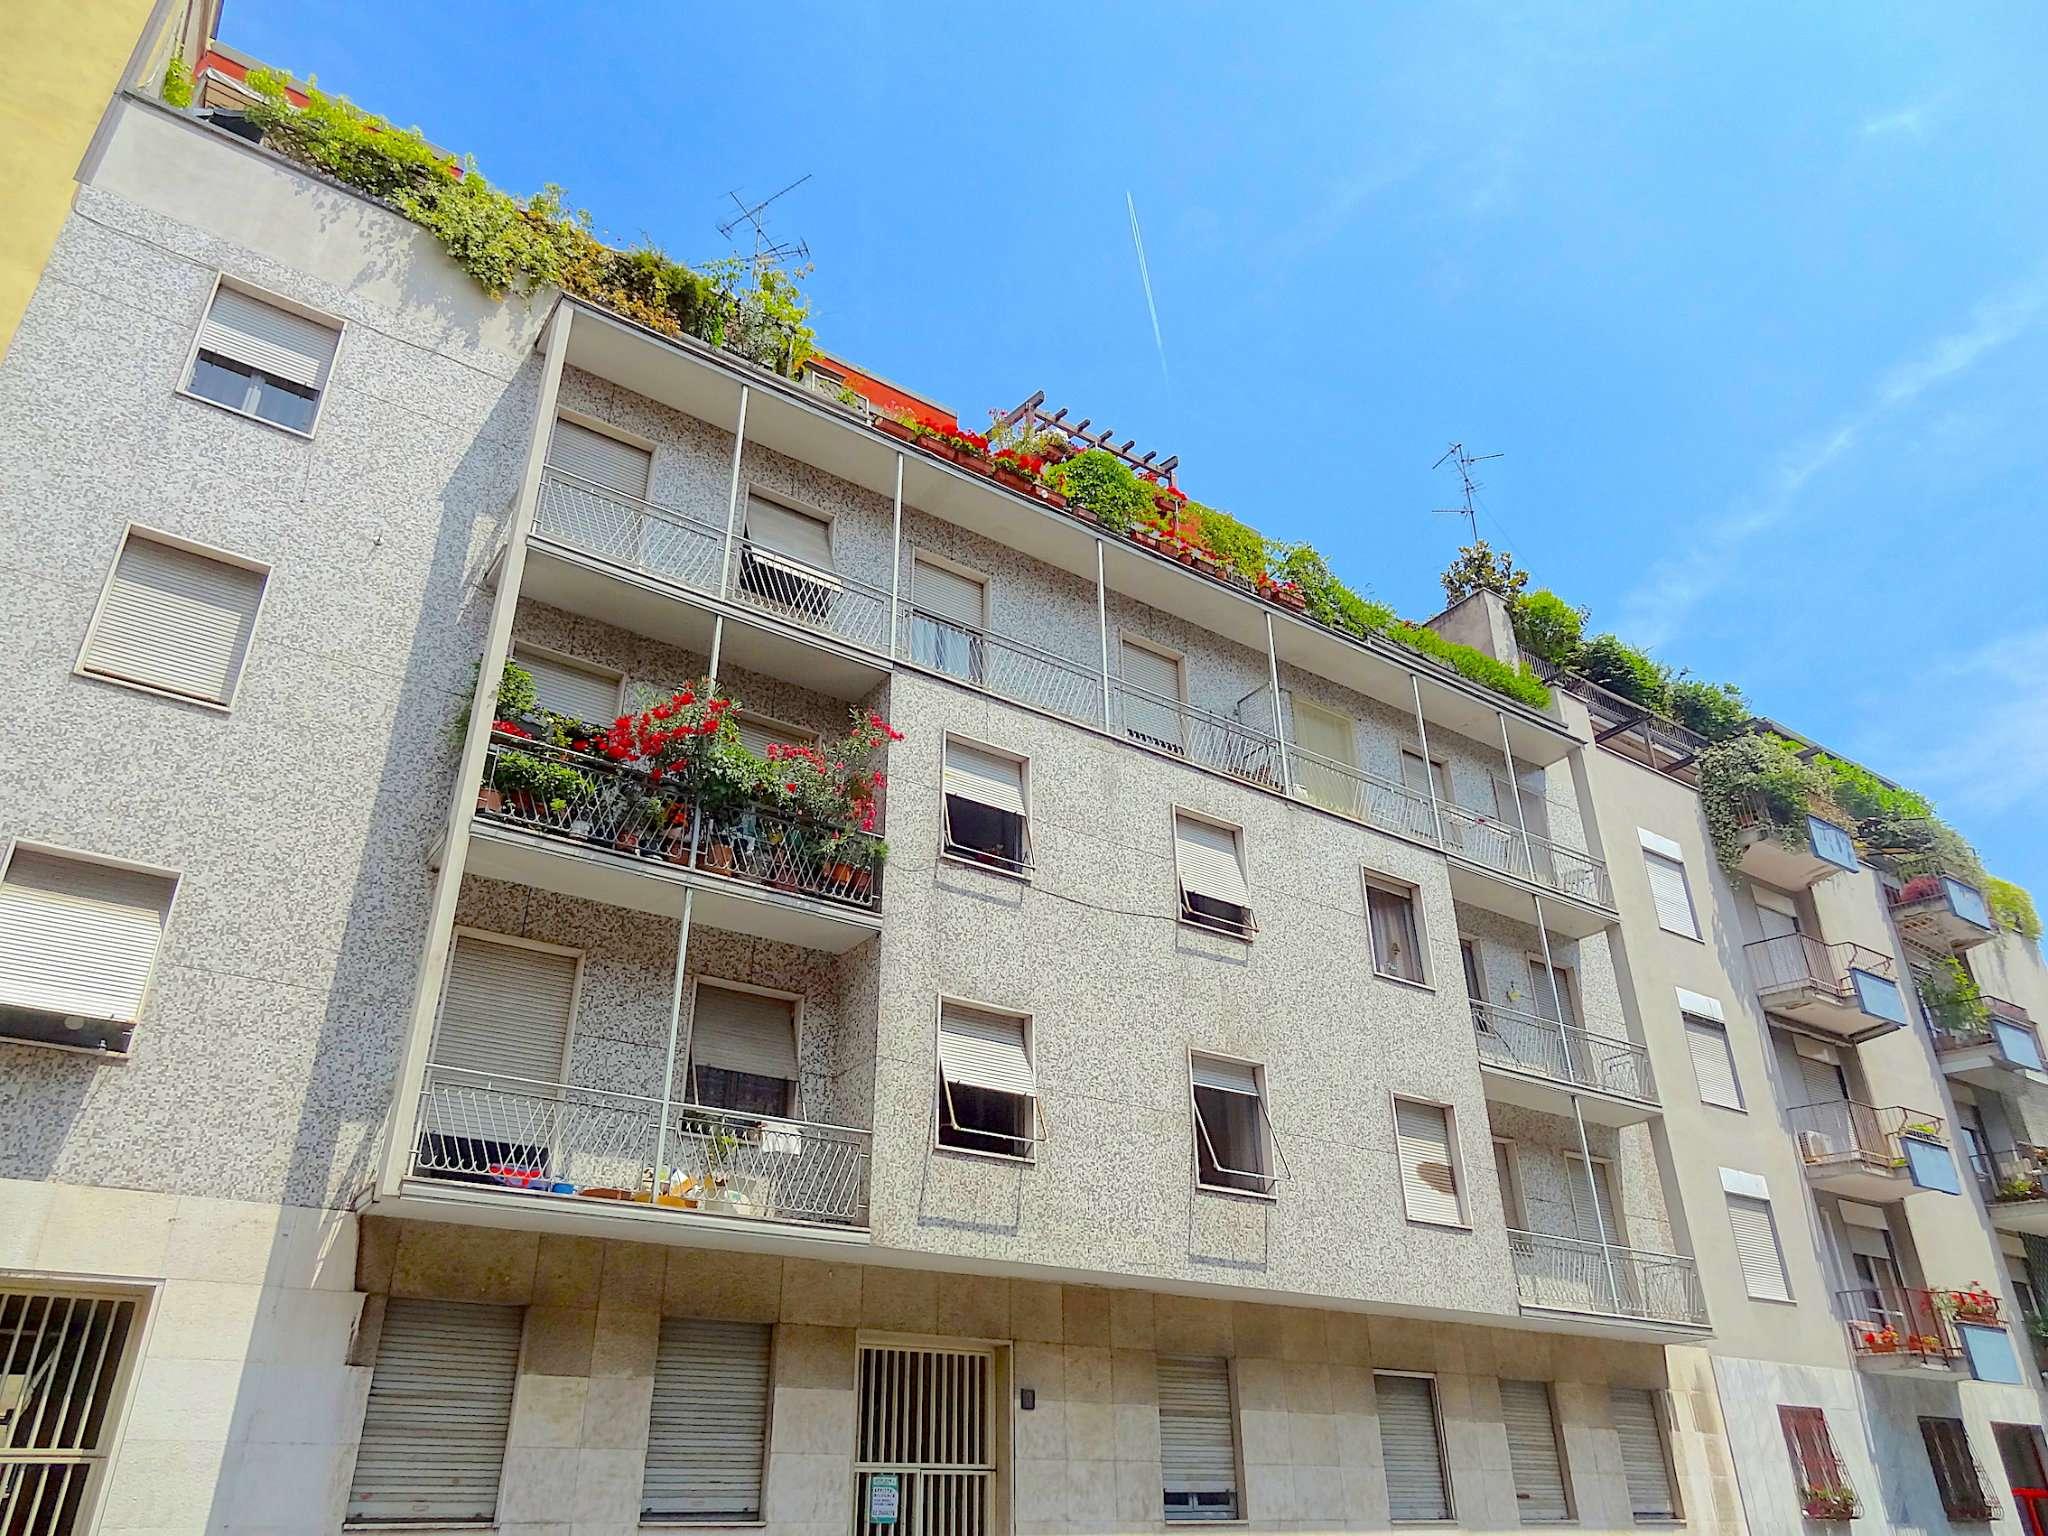 Appartamento in Vendita a Milano 11 Loreto / Piola / Lima: 3 locali, 90 mq